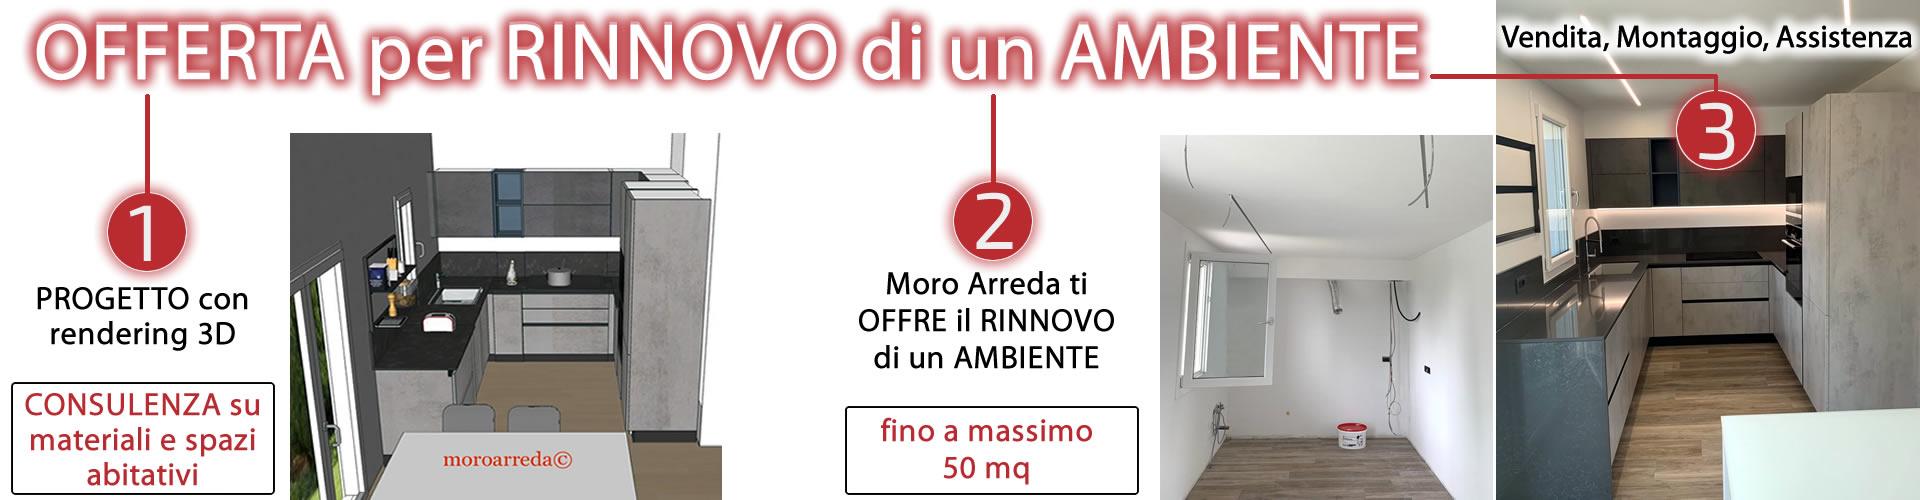 Banner OFFERTA per RINNOVO di un AMBIENTE - MORO ARREDA